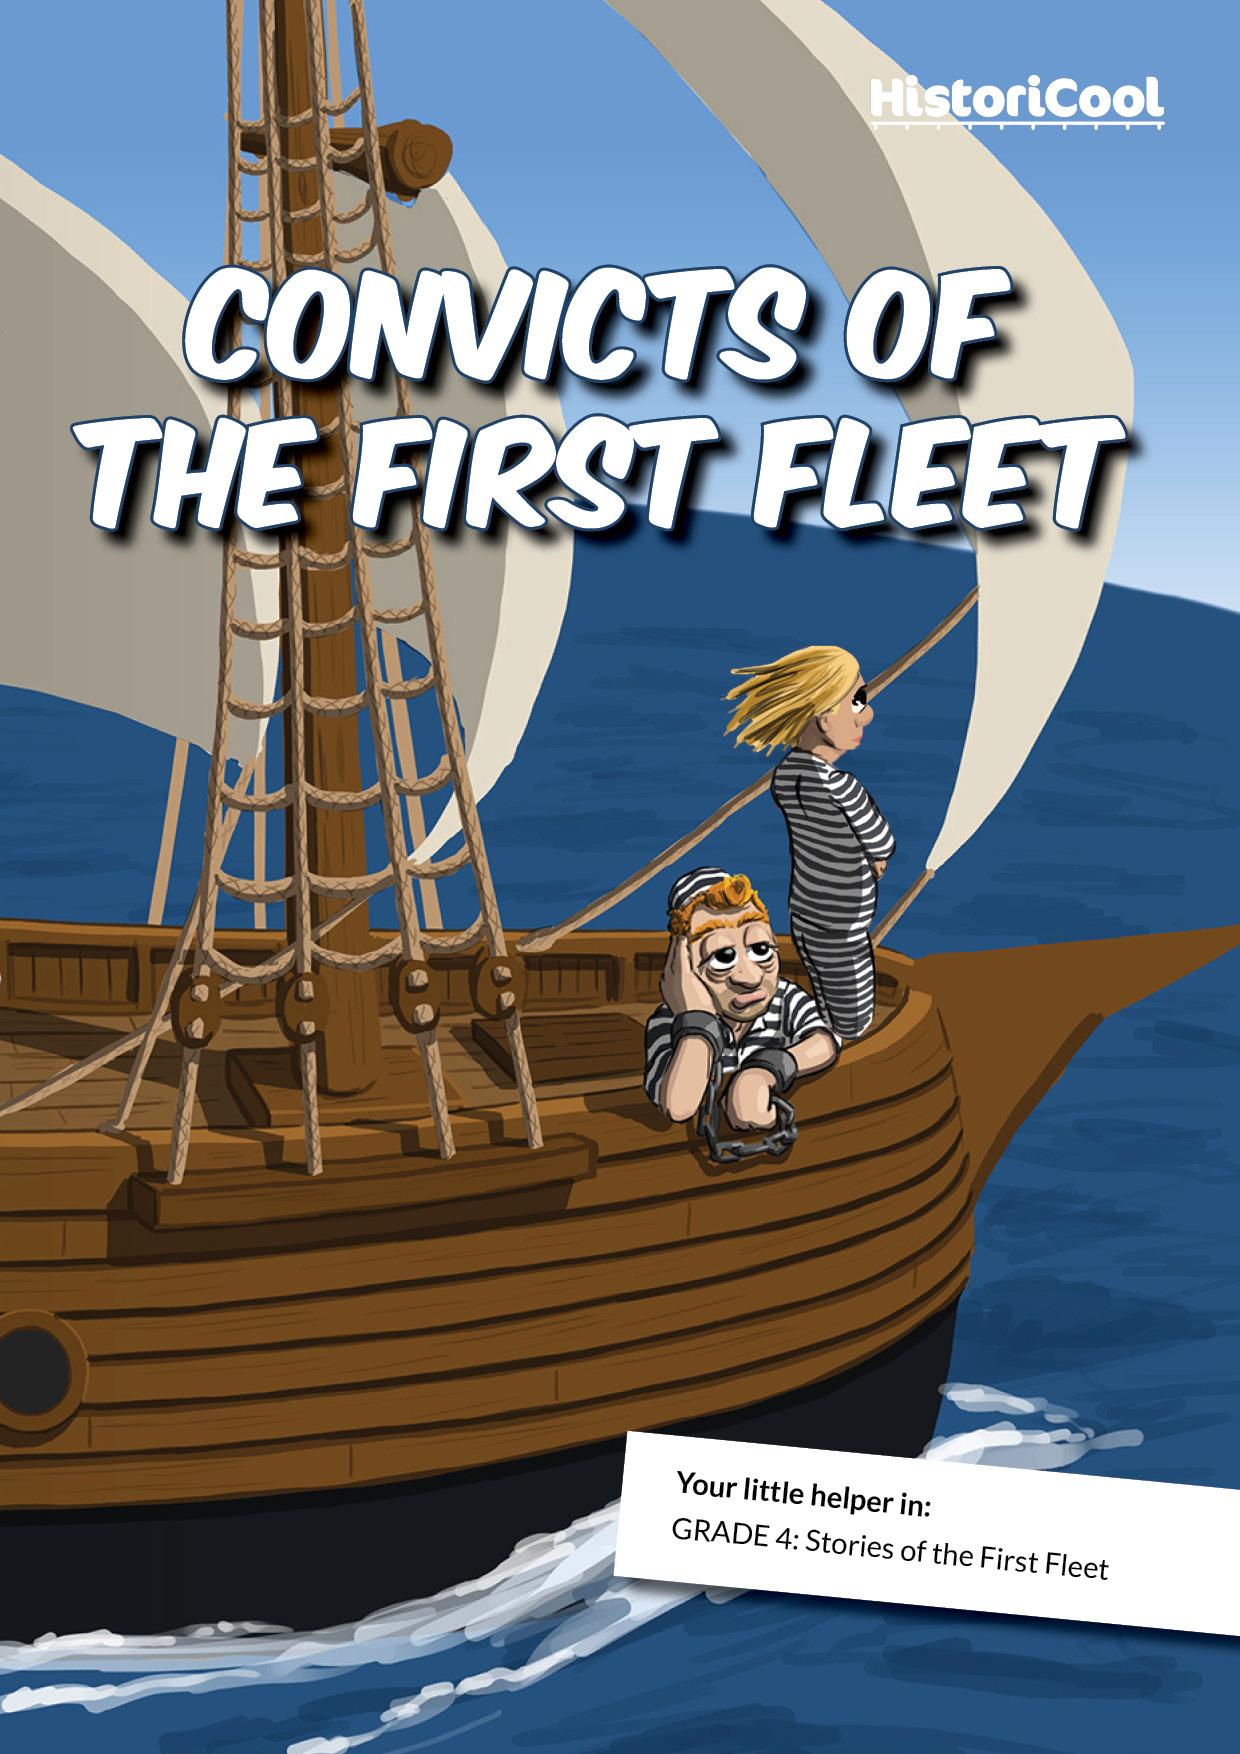 Onboard The First Fleet